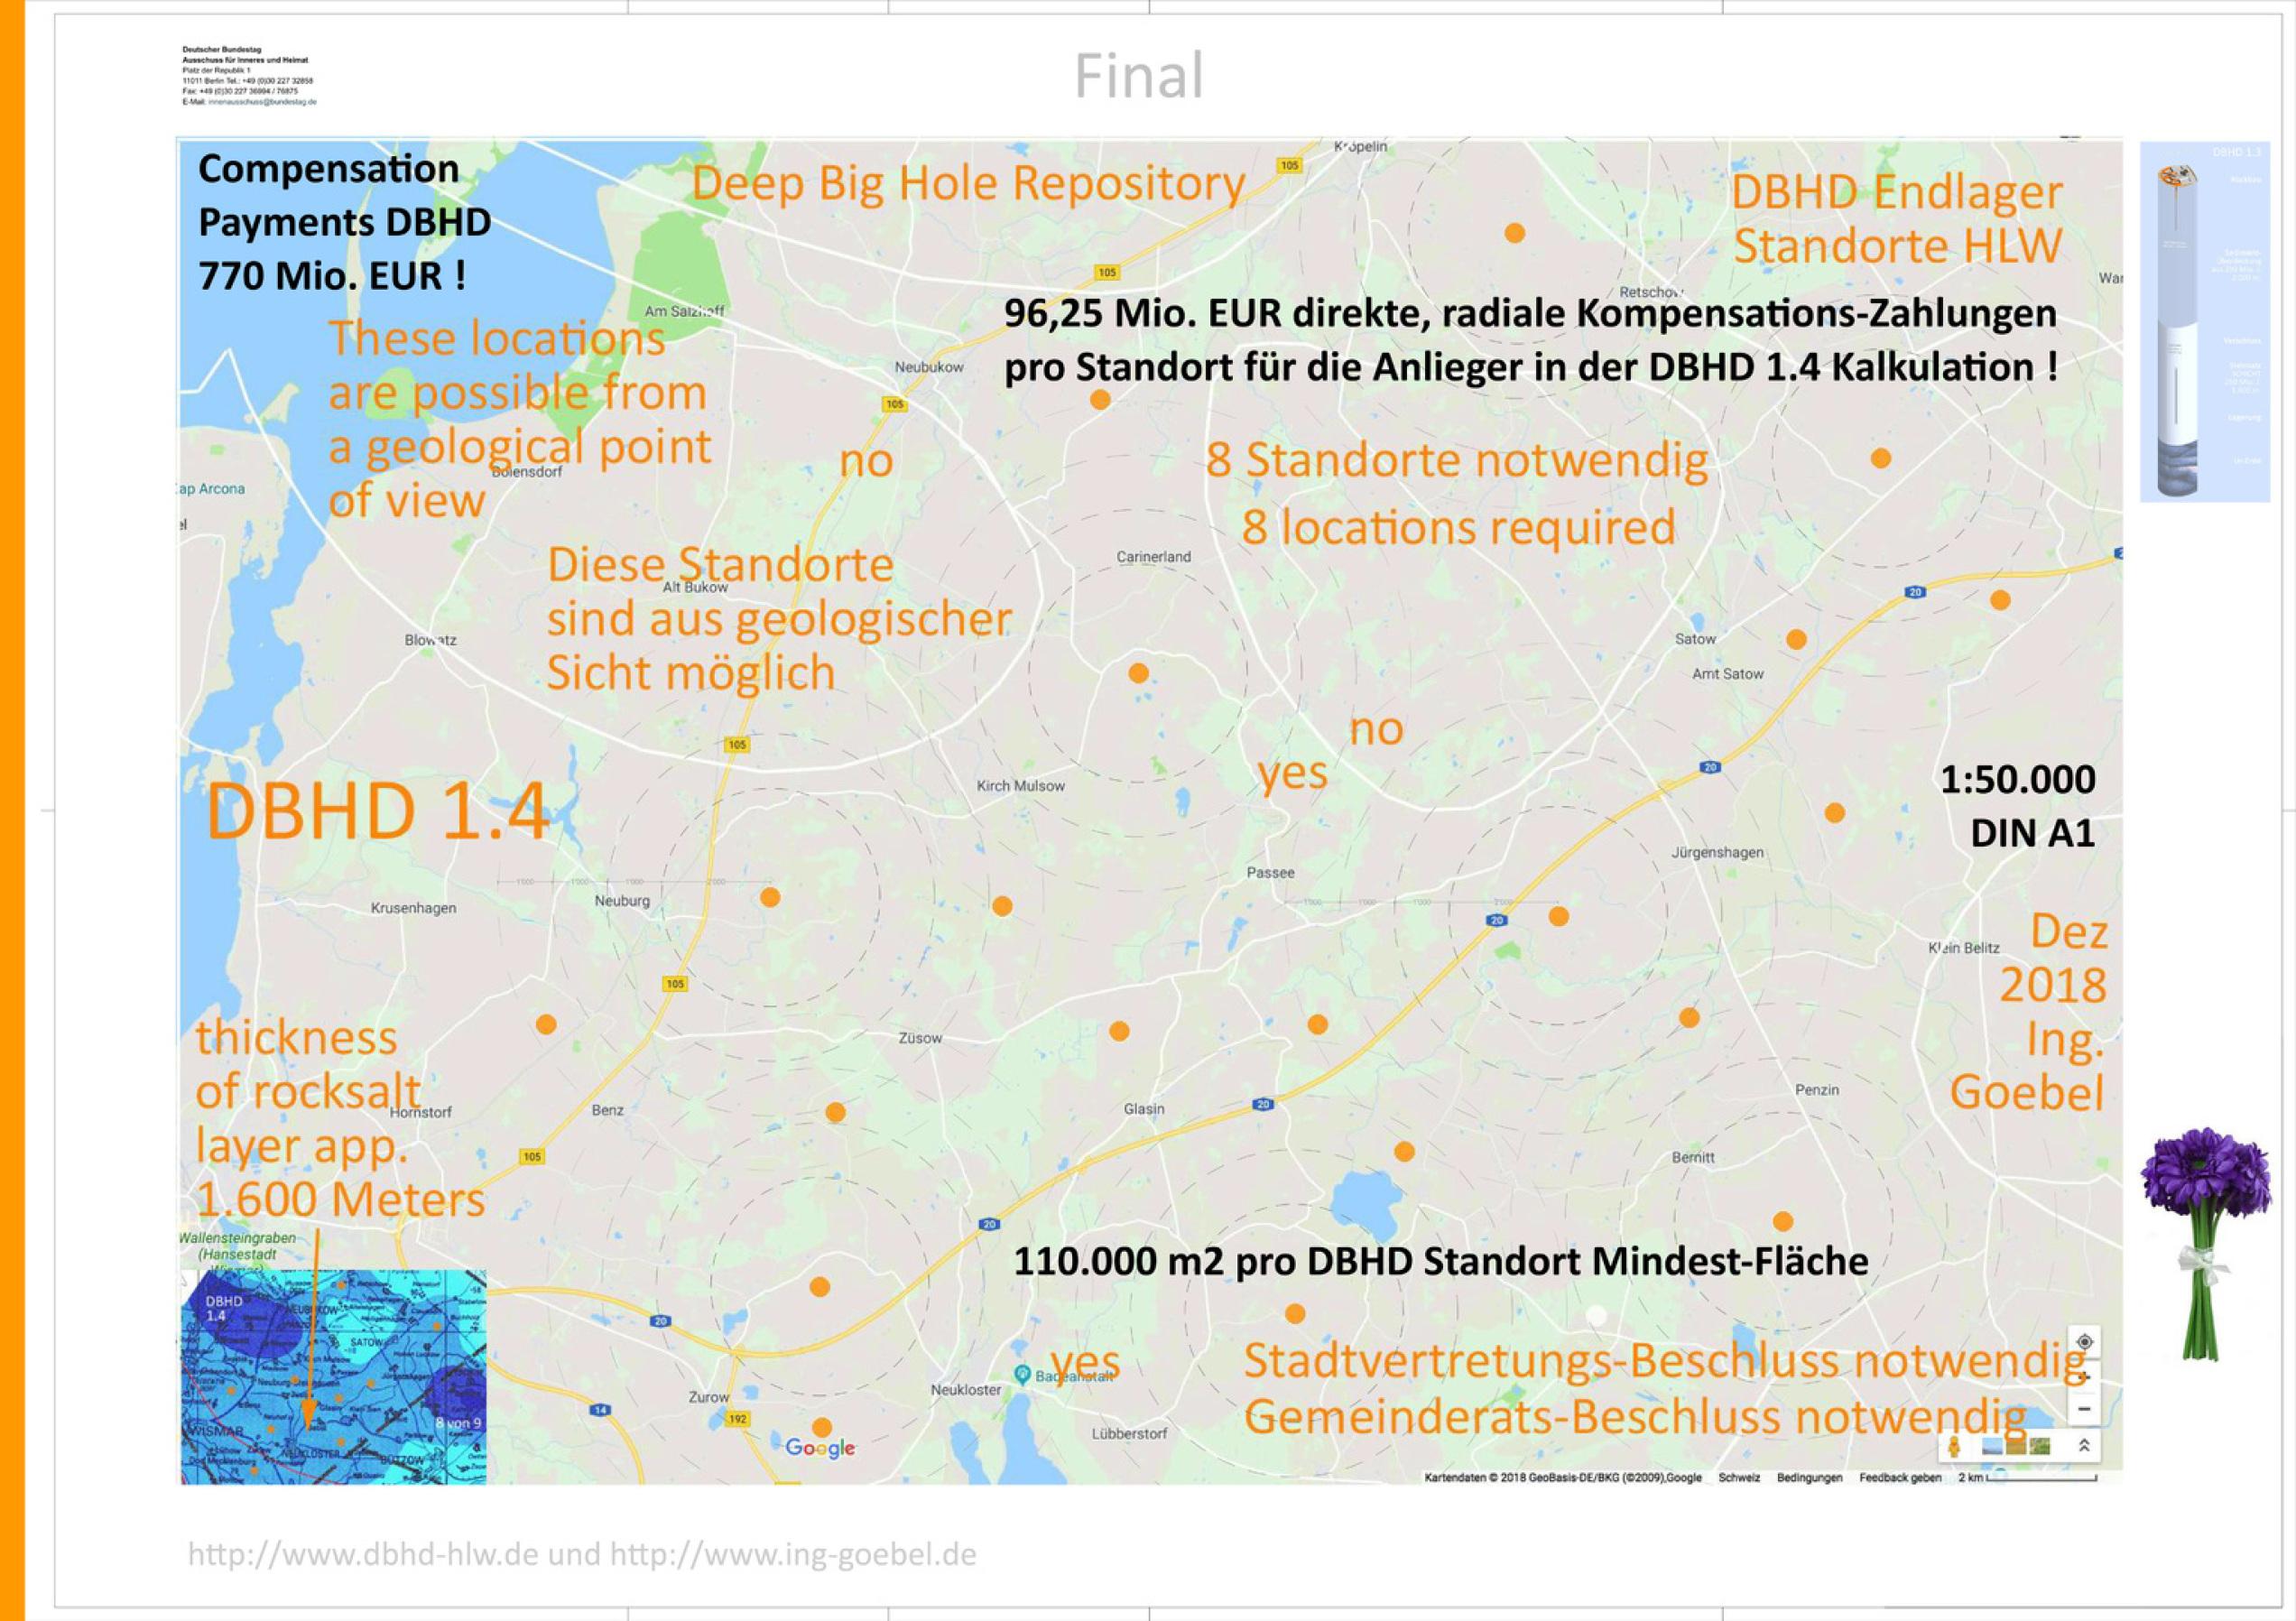 DBHD_1.3_Endlager_Standorte_Kompensationsradien_Karte_ing_Goebel_Basis_Geologische_Karte_auf_Strassenkarte